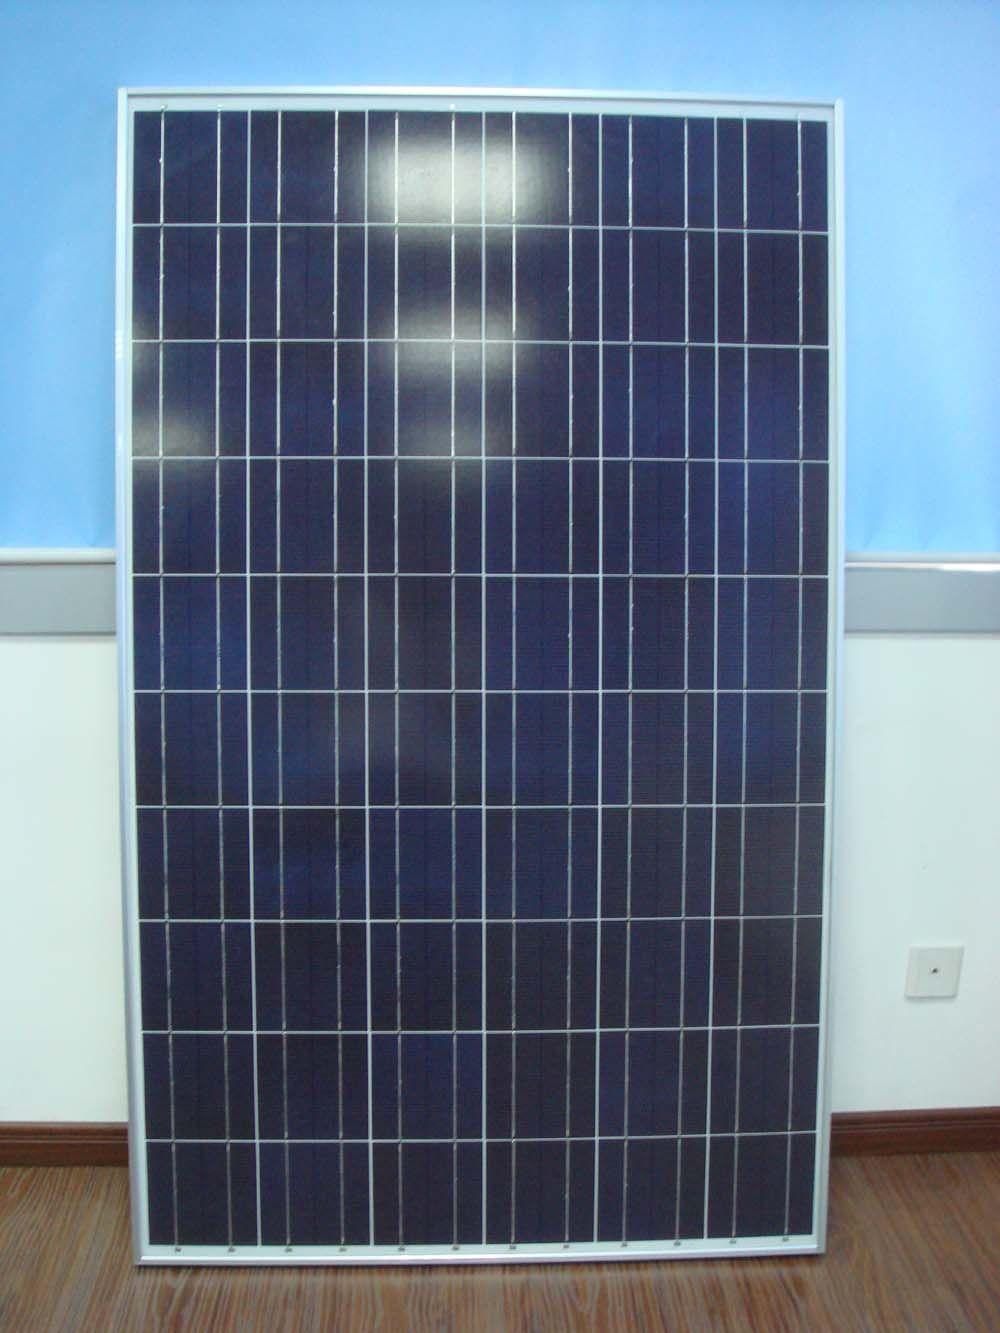 供应单晶18V150W太阳能电池板、太阳能柔性版、太阳能光伏板、太阳能发电板、太阳能滴胶板